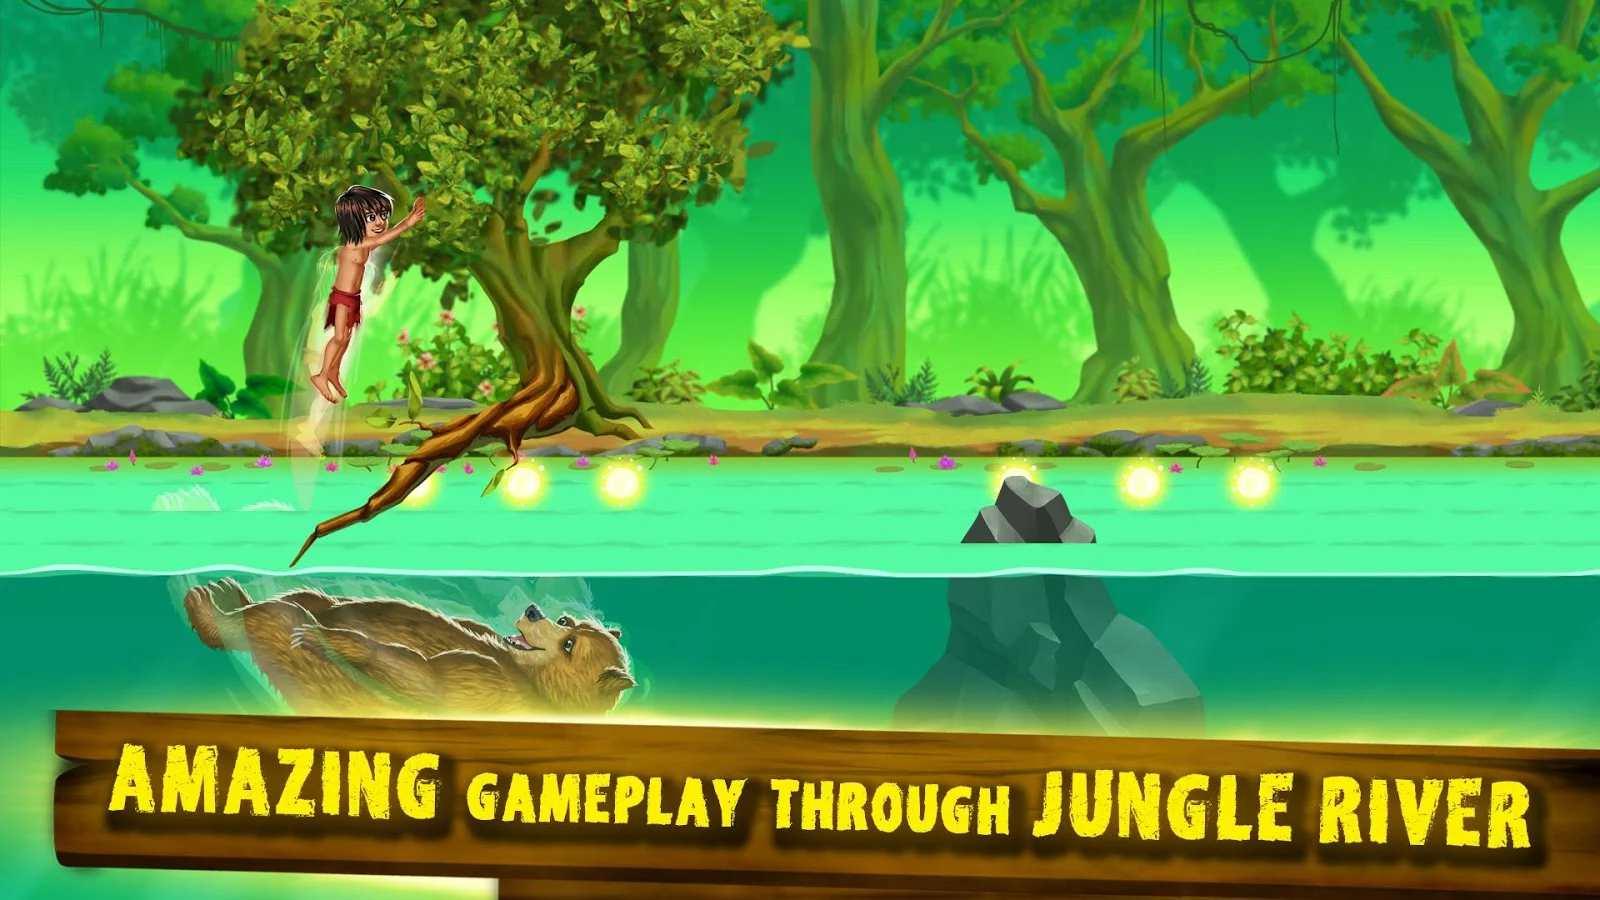 Mowgli Jump - Jungle Book Game